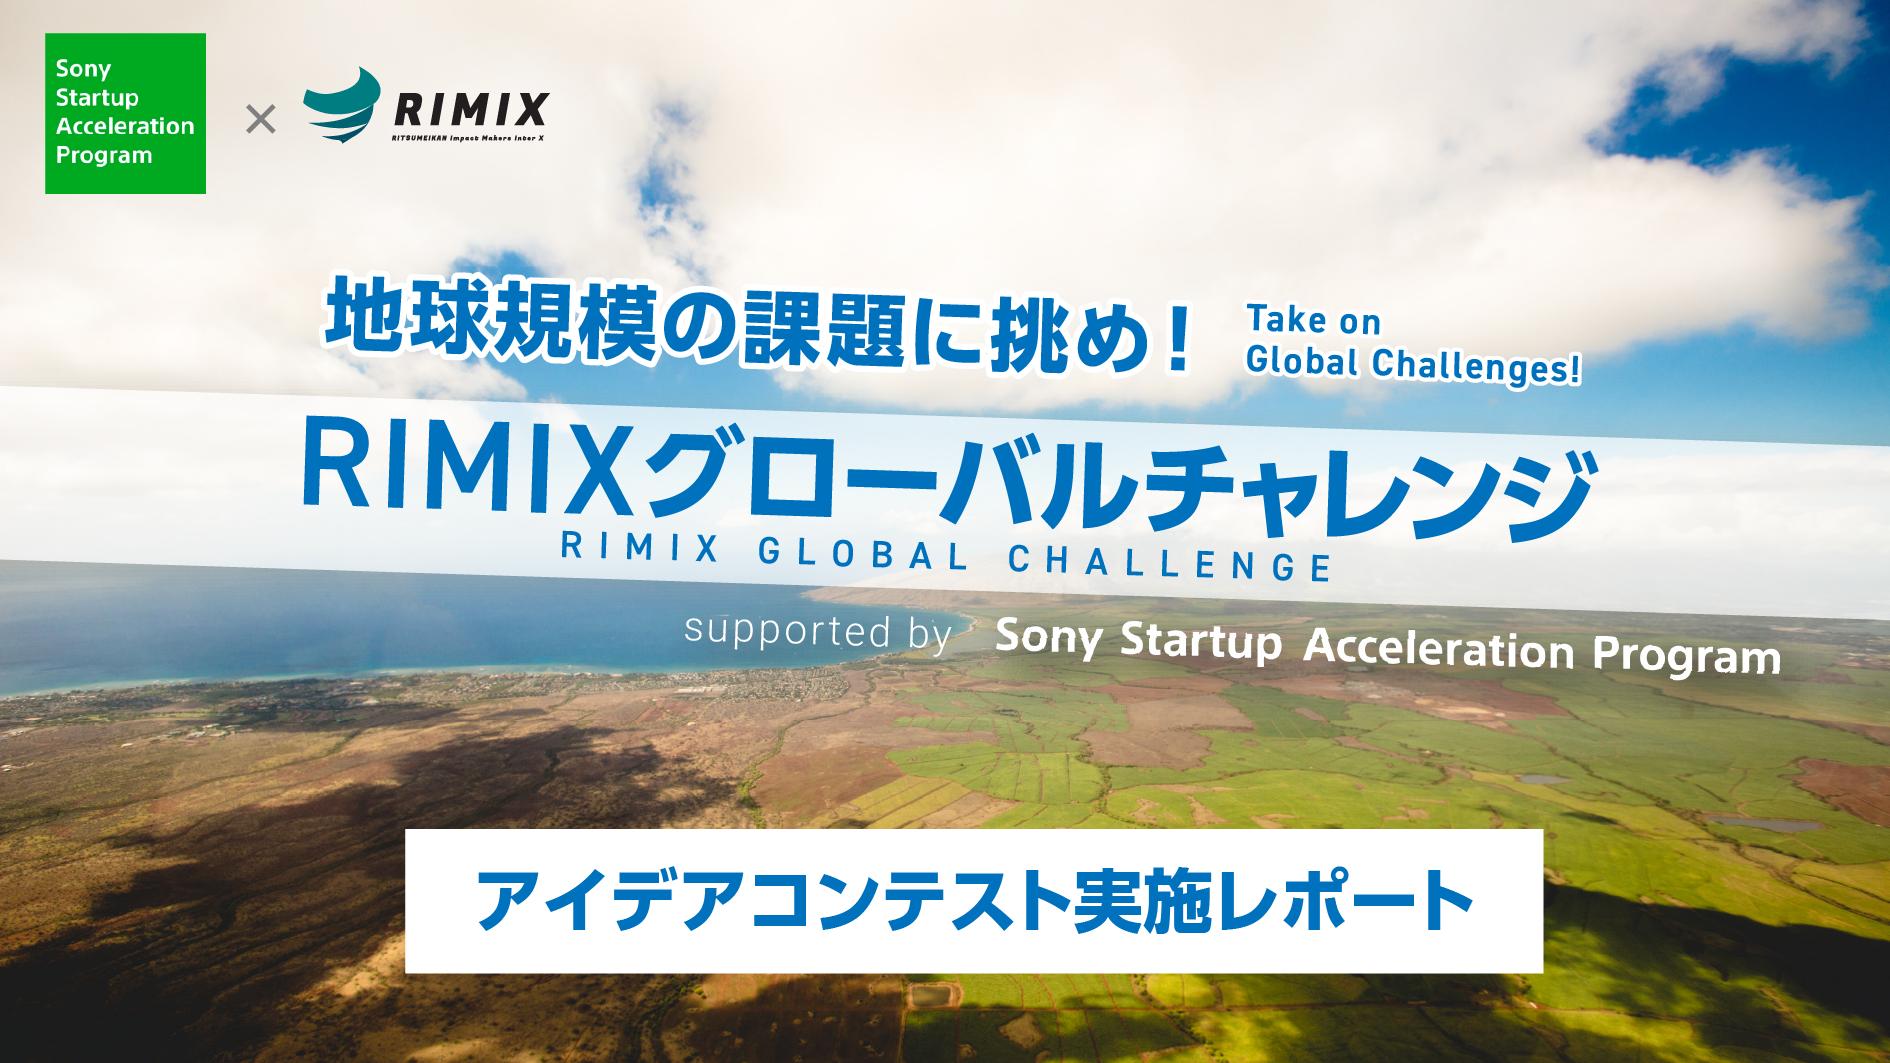 今年の夏休みは世界課題に挑戦!「RIMIXグローバルチャレンジ」アイデアコンテスト実施レポート